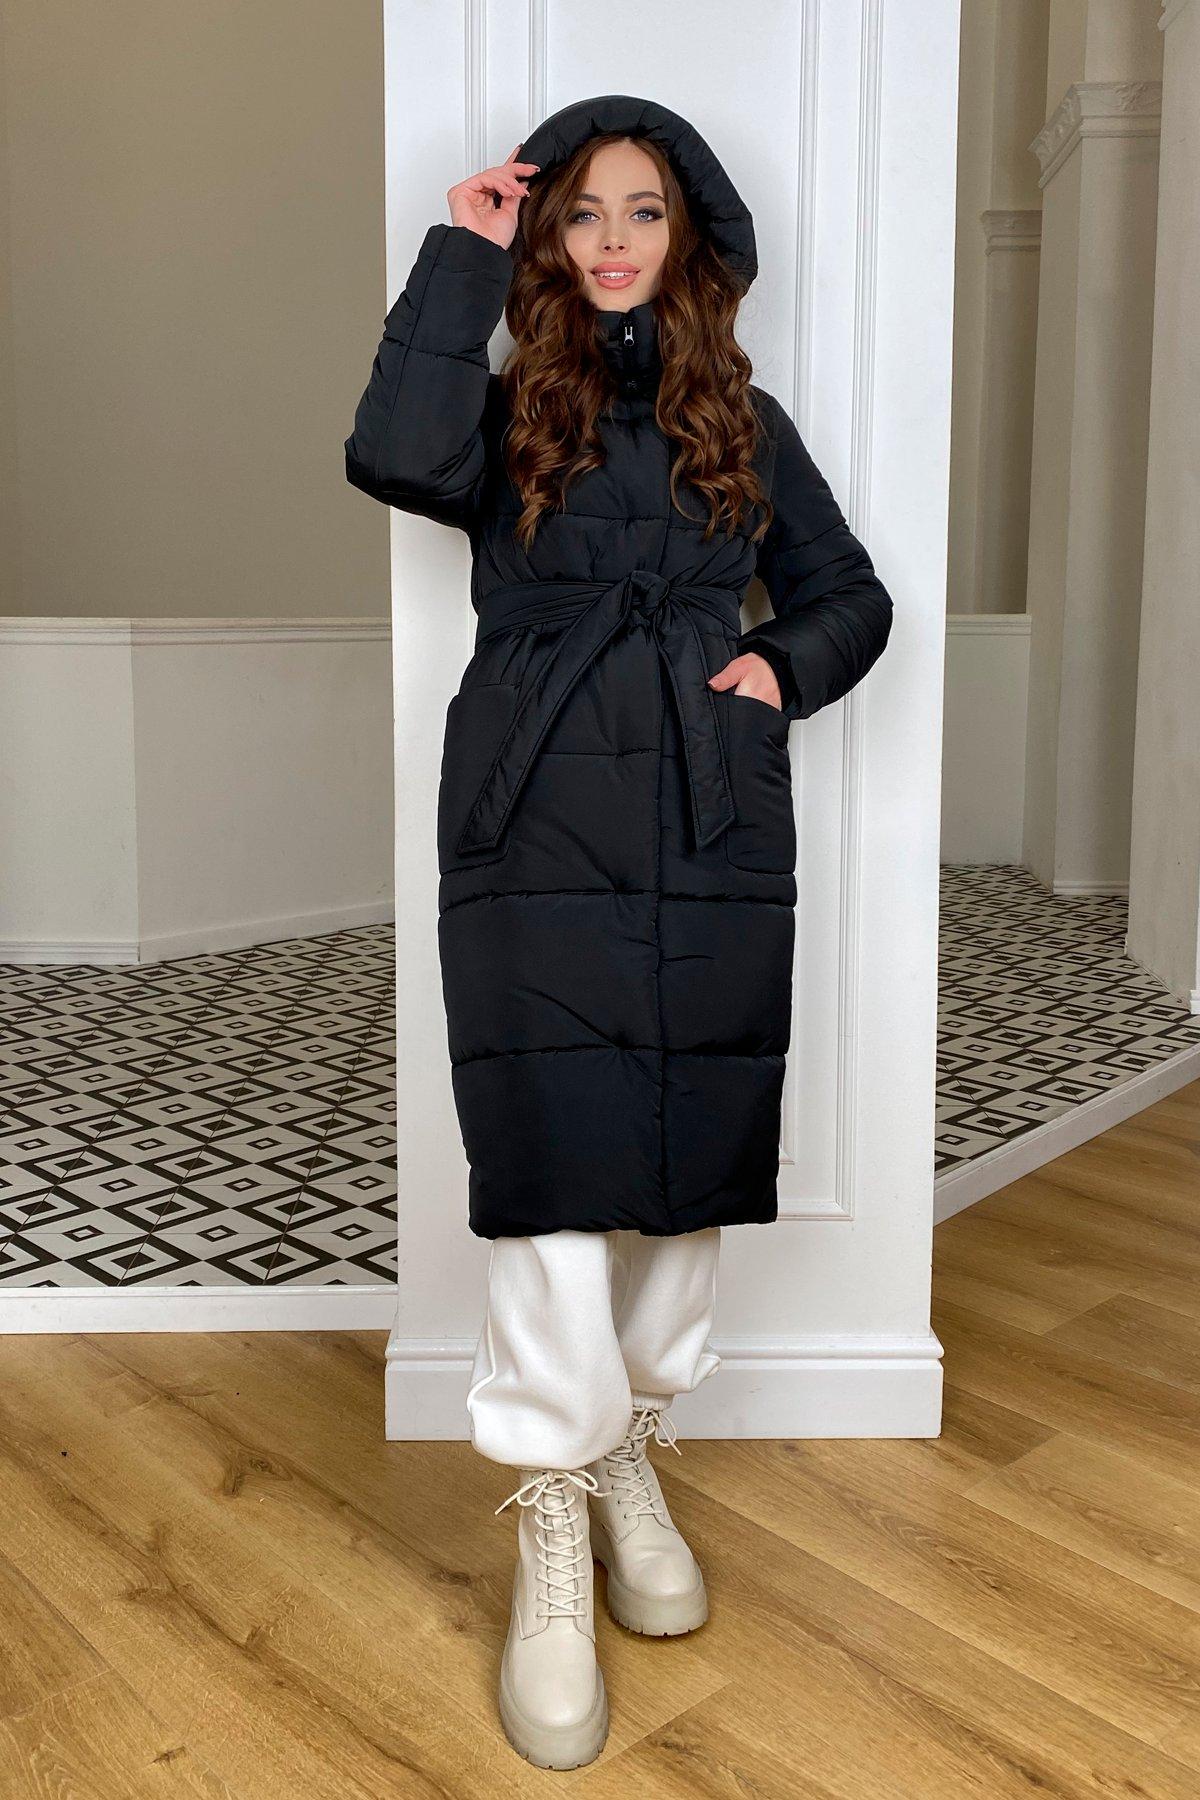 Бланка зимний пуховик из  плащевка Канада 10405 АРТ. 46711 Цвет: Черный - фото 6, интернет магазин tm-modus.ru